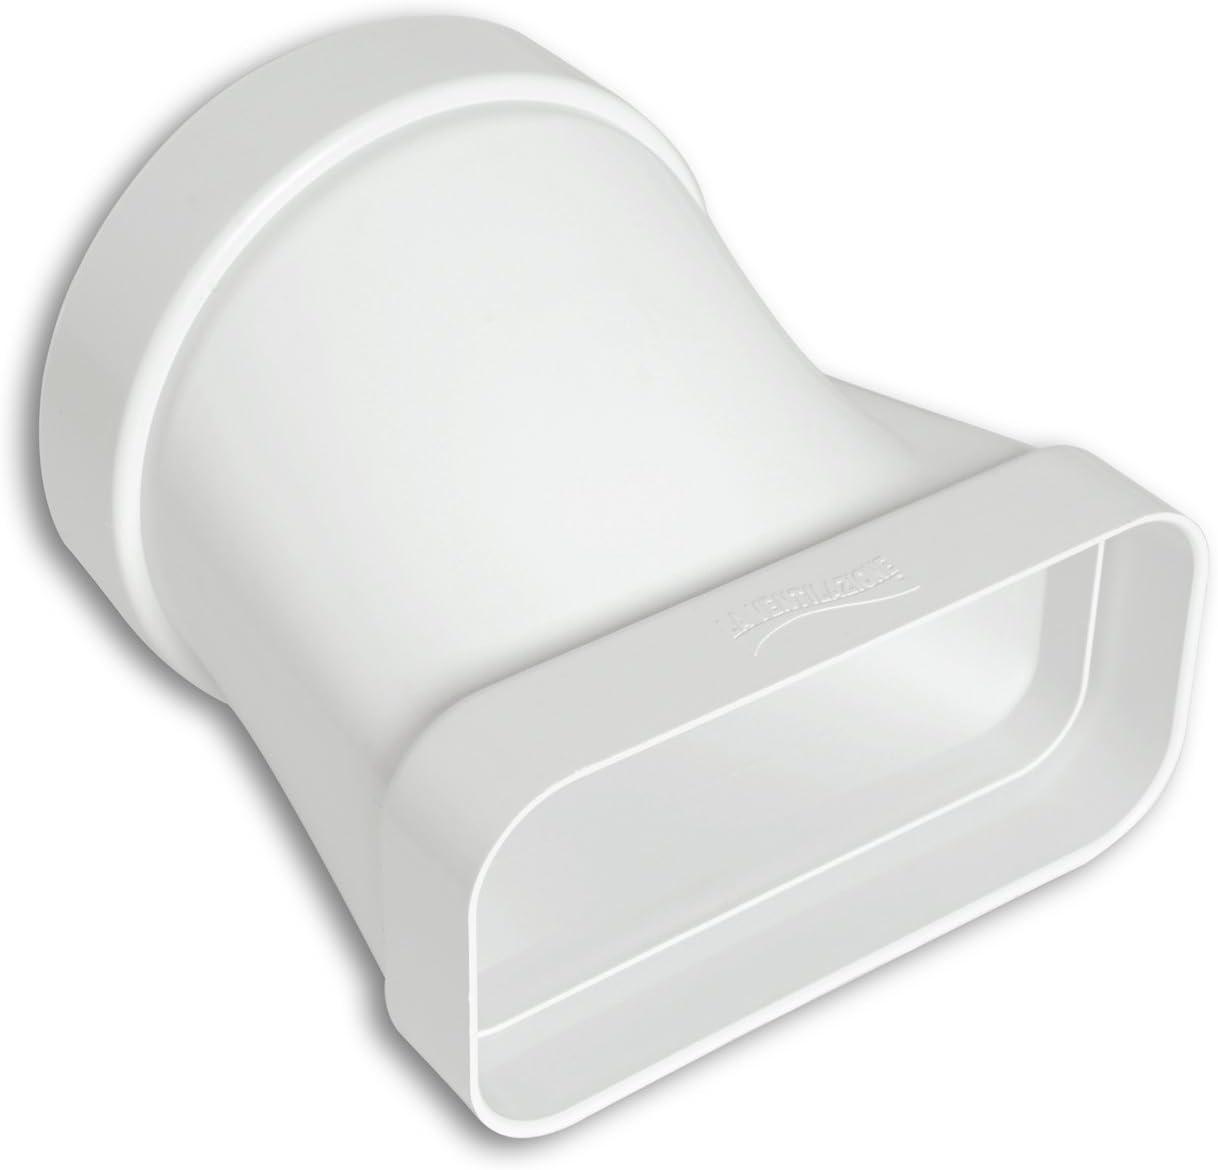 La ventilación cgo157b Junta Horizontal de ABS para ventilación canalizzata, 125 mm – 150 x 70 mm: Amazon.es: Bricolaje y herramientas